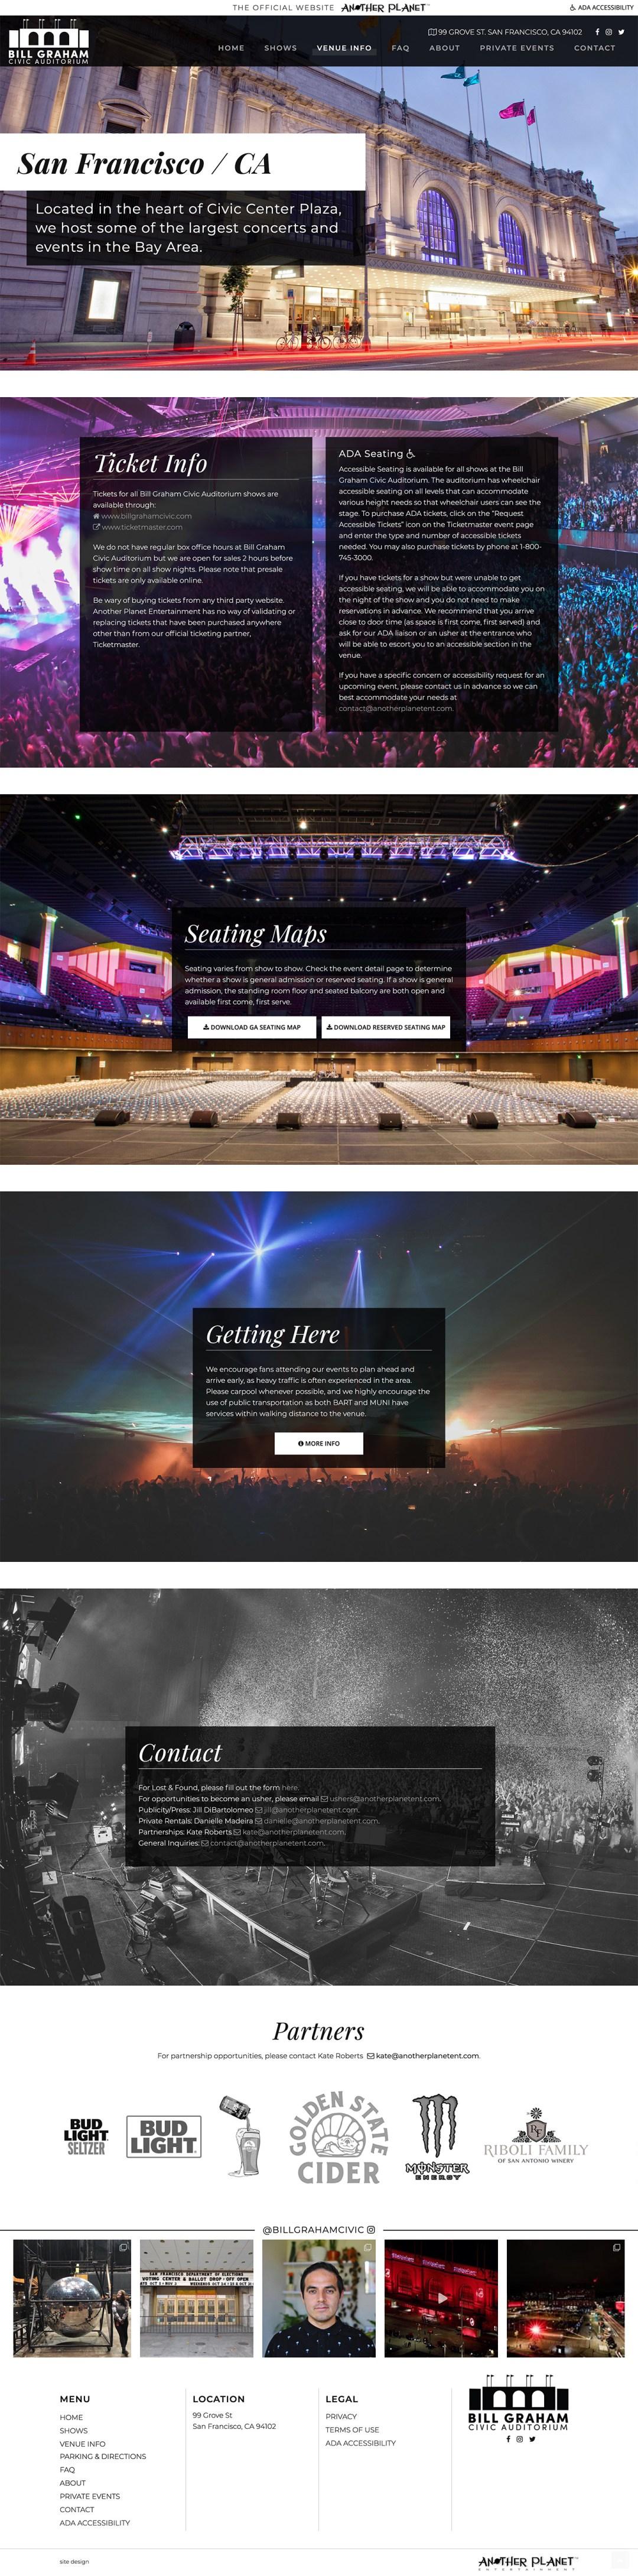 Schuler - Web Design - Bill Graham Civic Auditorium - Venue Info